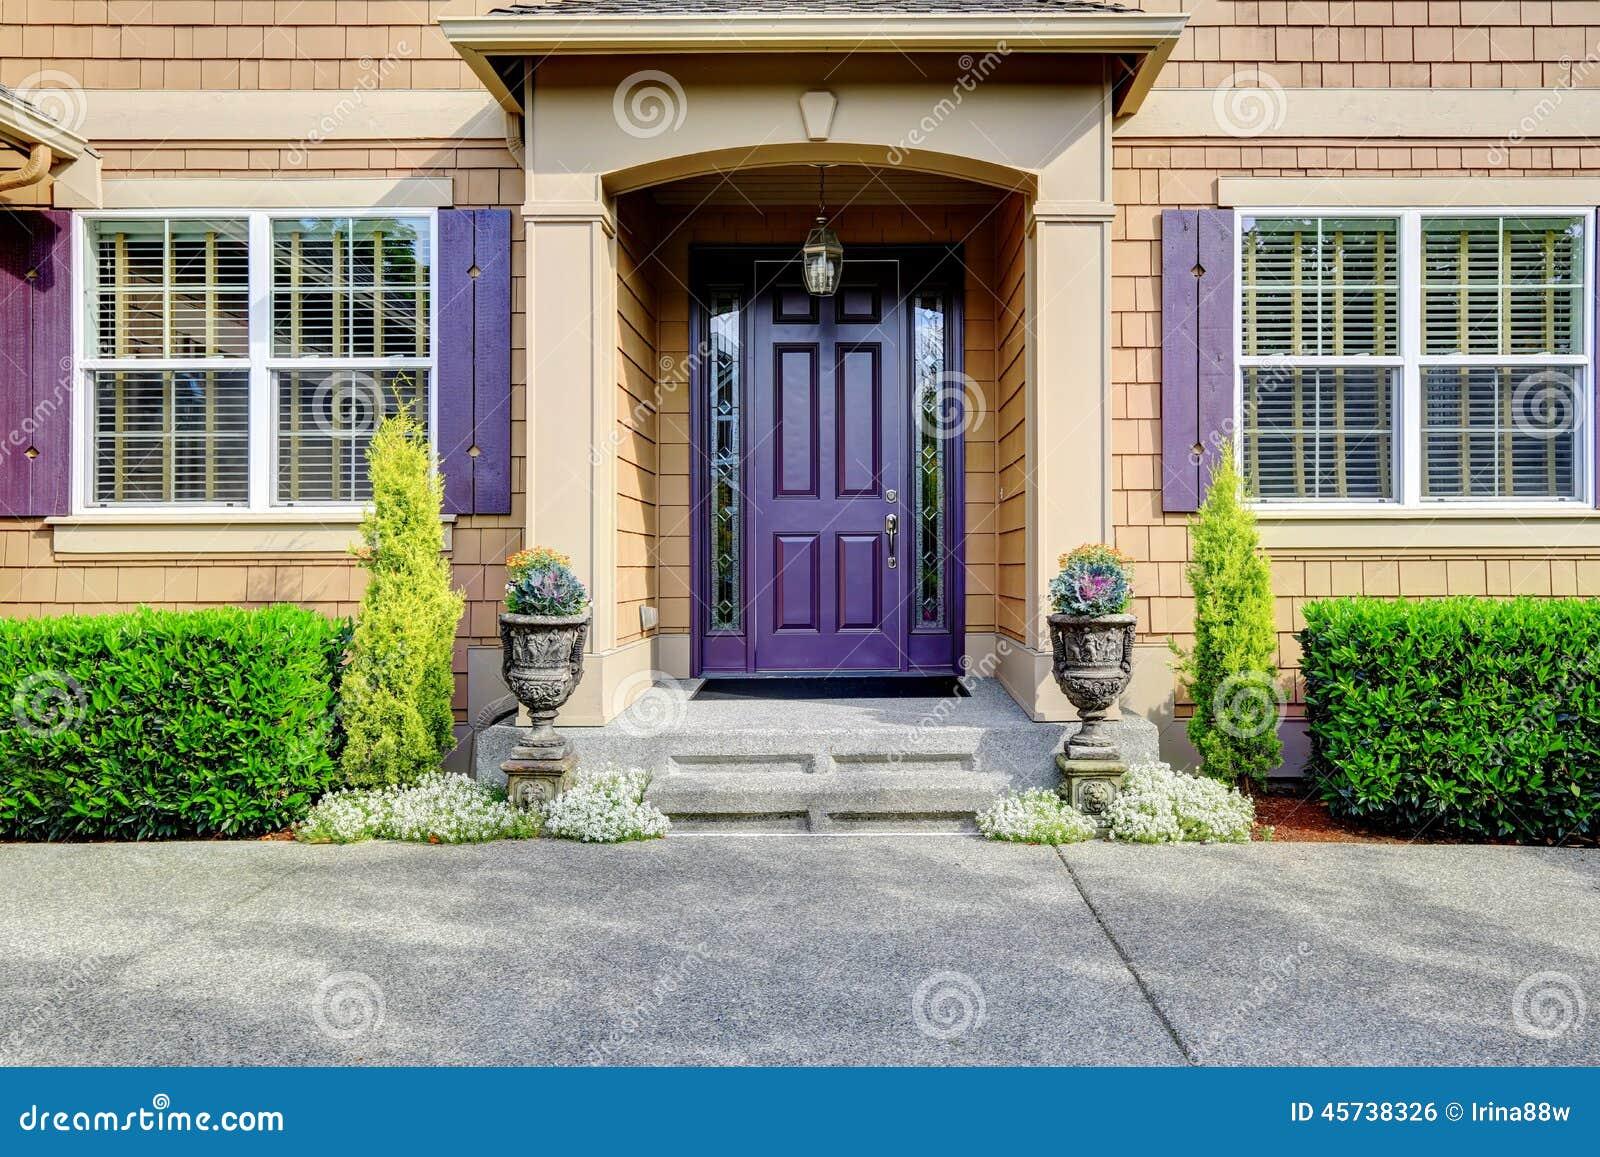 ext rieur de luxe de maison porche d 39 entr e avec la porte pourpre photo stock image 45738326. Black Bedroom Furniture Sets. Home Design Ideas